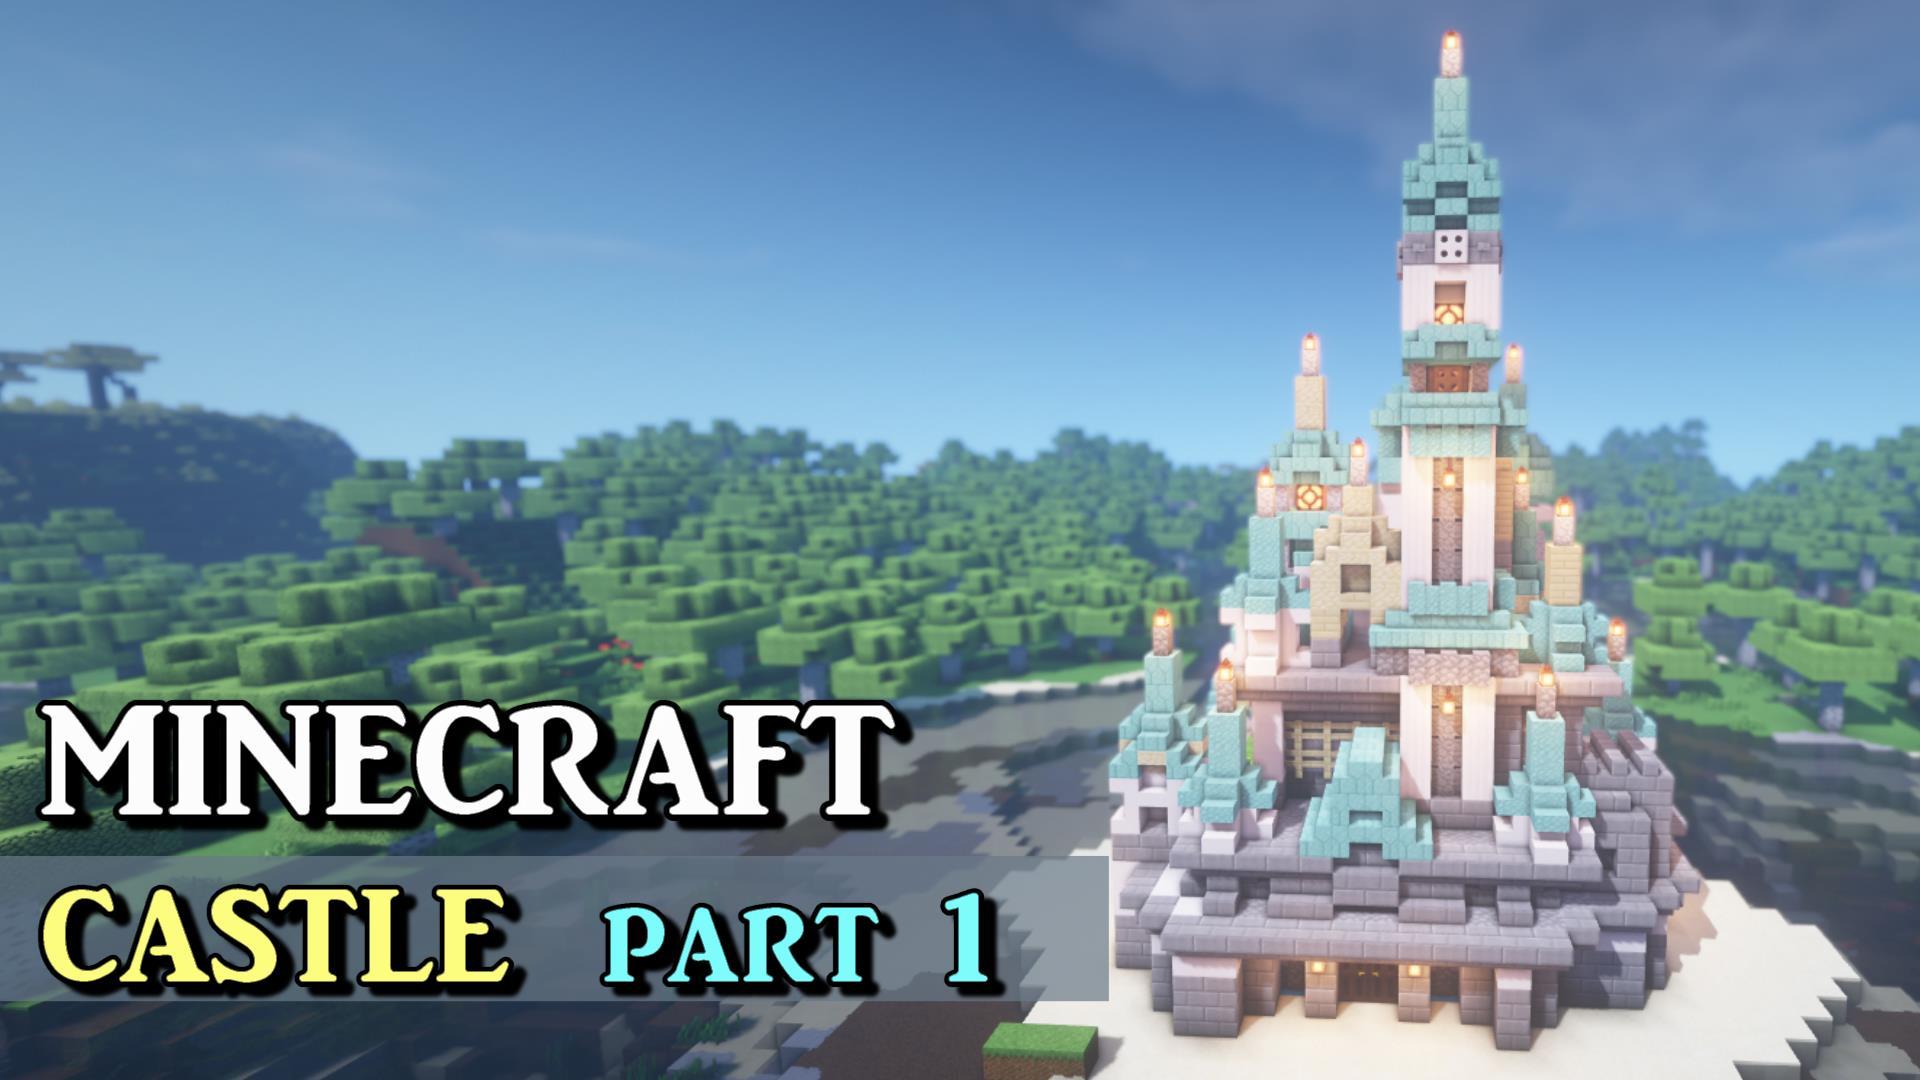 マインクラフト 大きめな洋風のお城の作り方 シンデレラ城風!